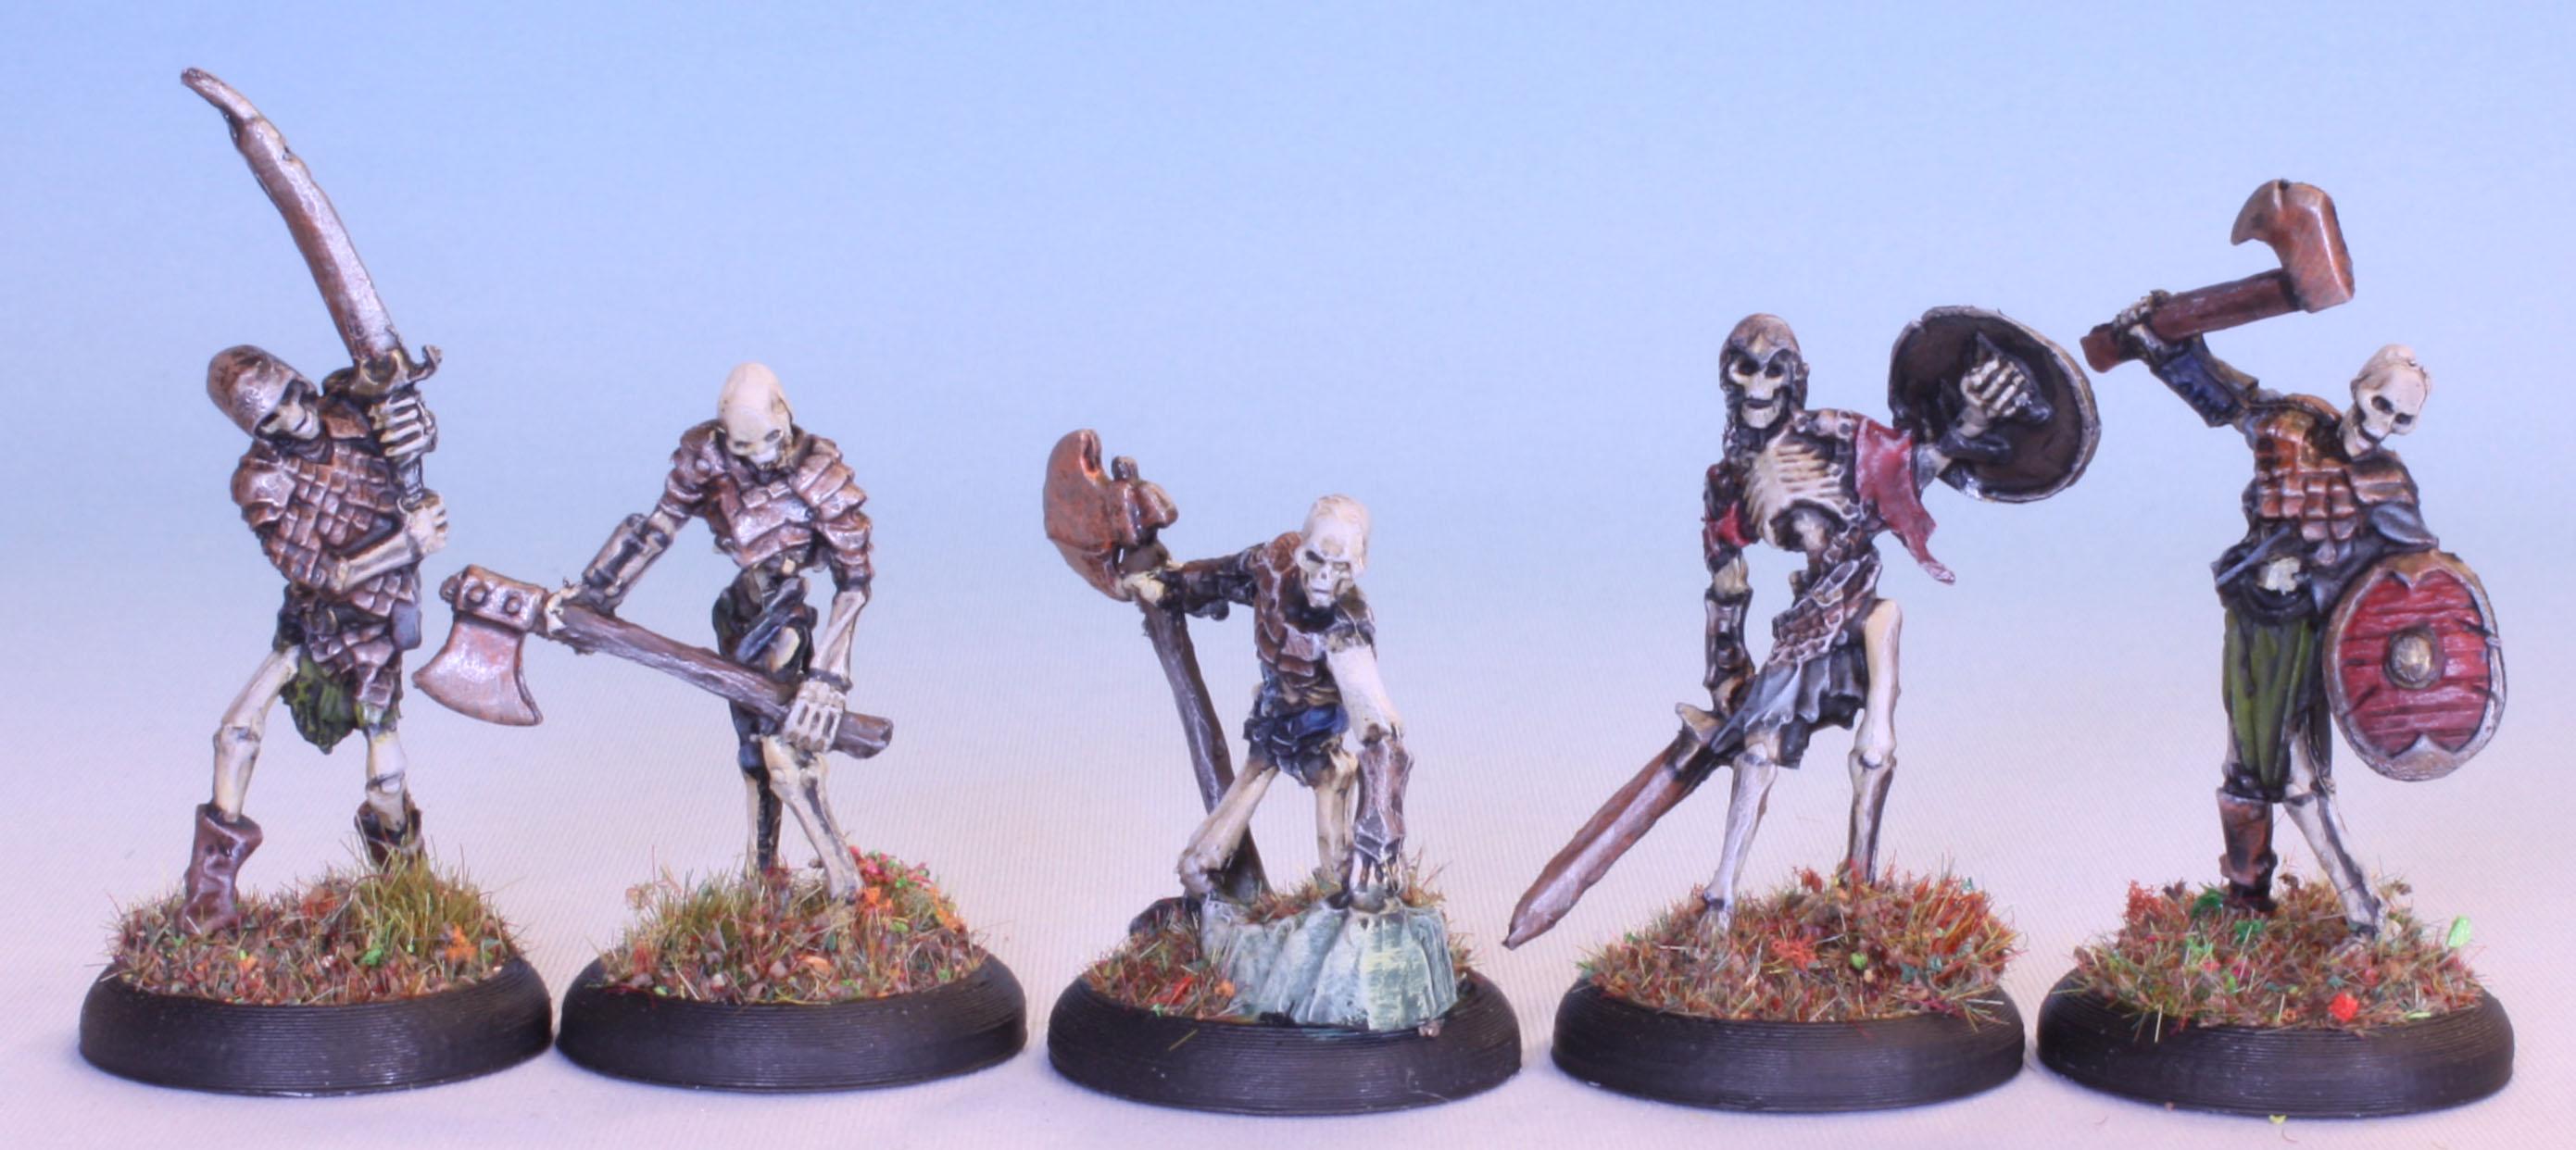 201031-reaper-bones-4-fan-favorites-4411